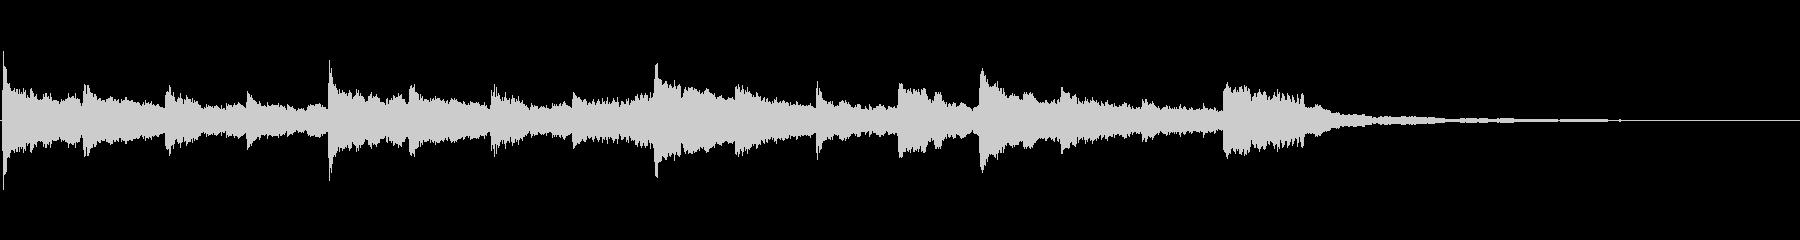 ホラー系BGM(ループ仕様)の未再生の波形